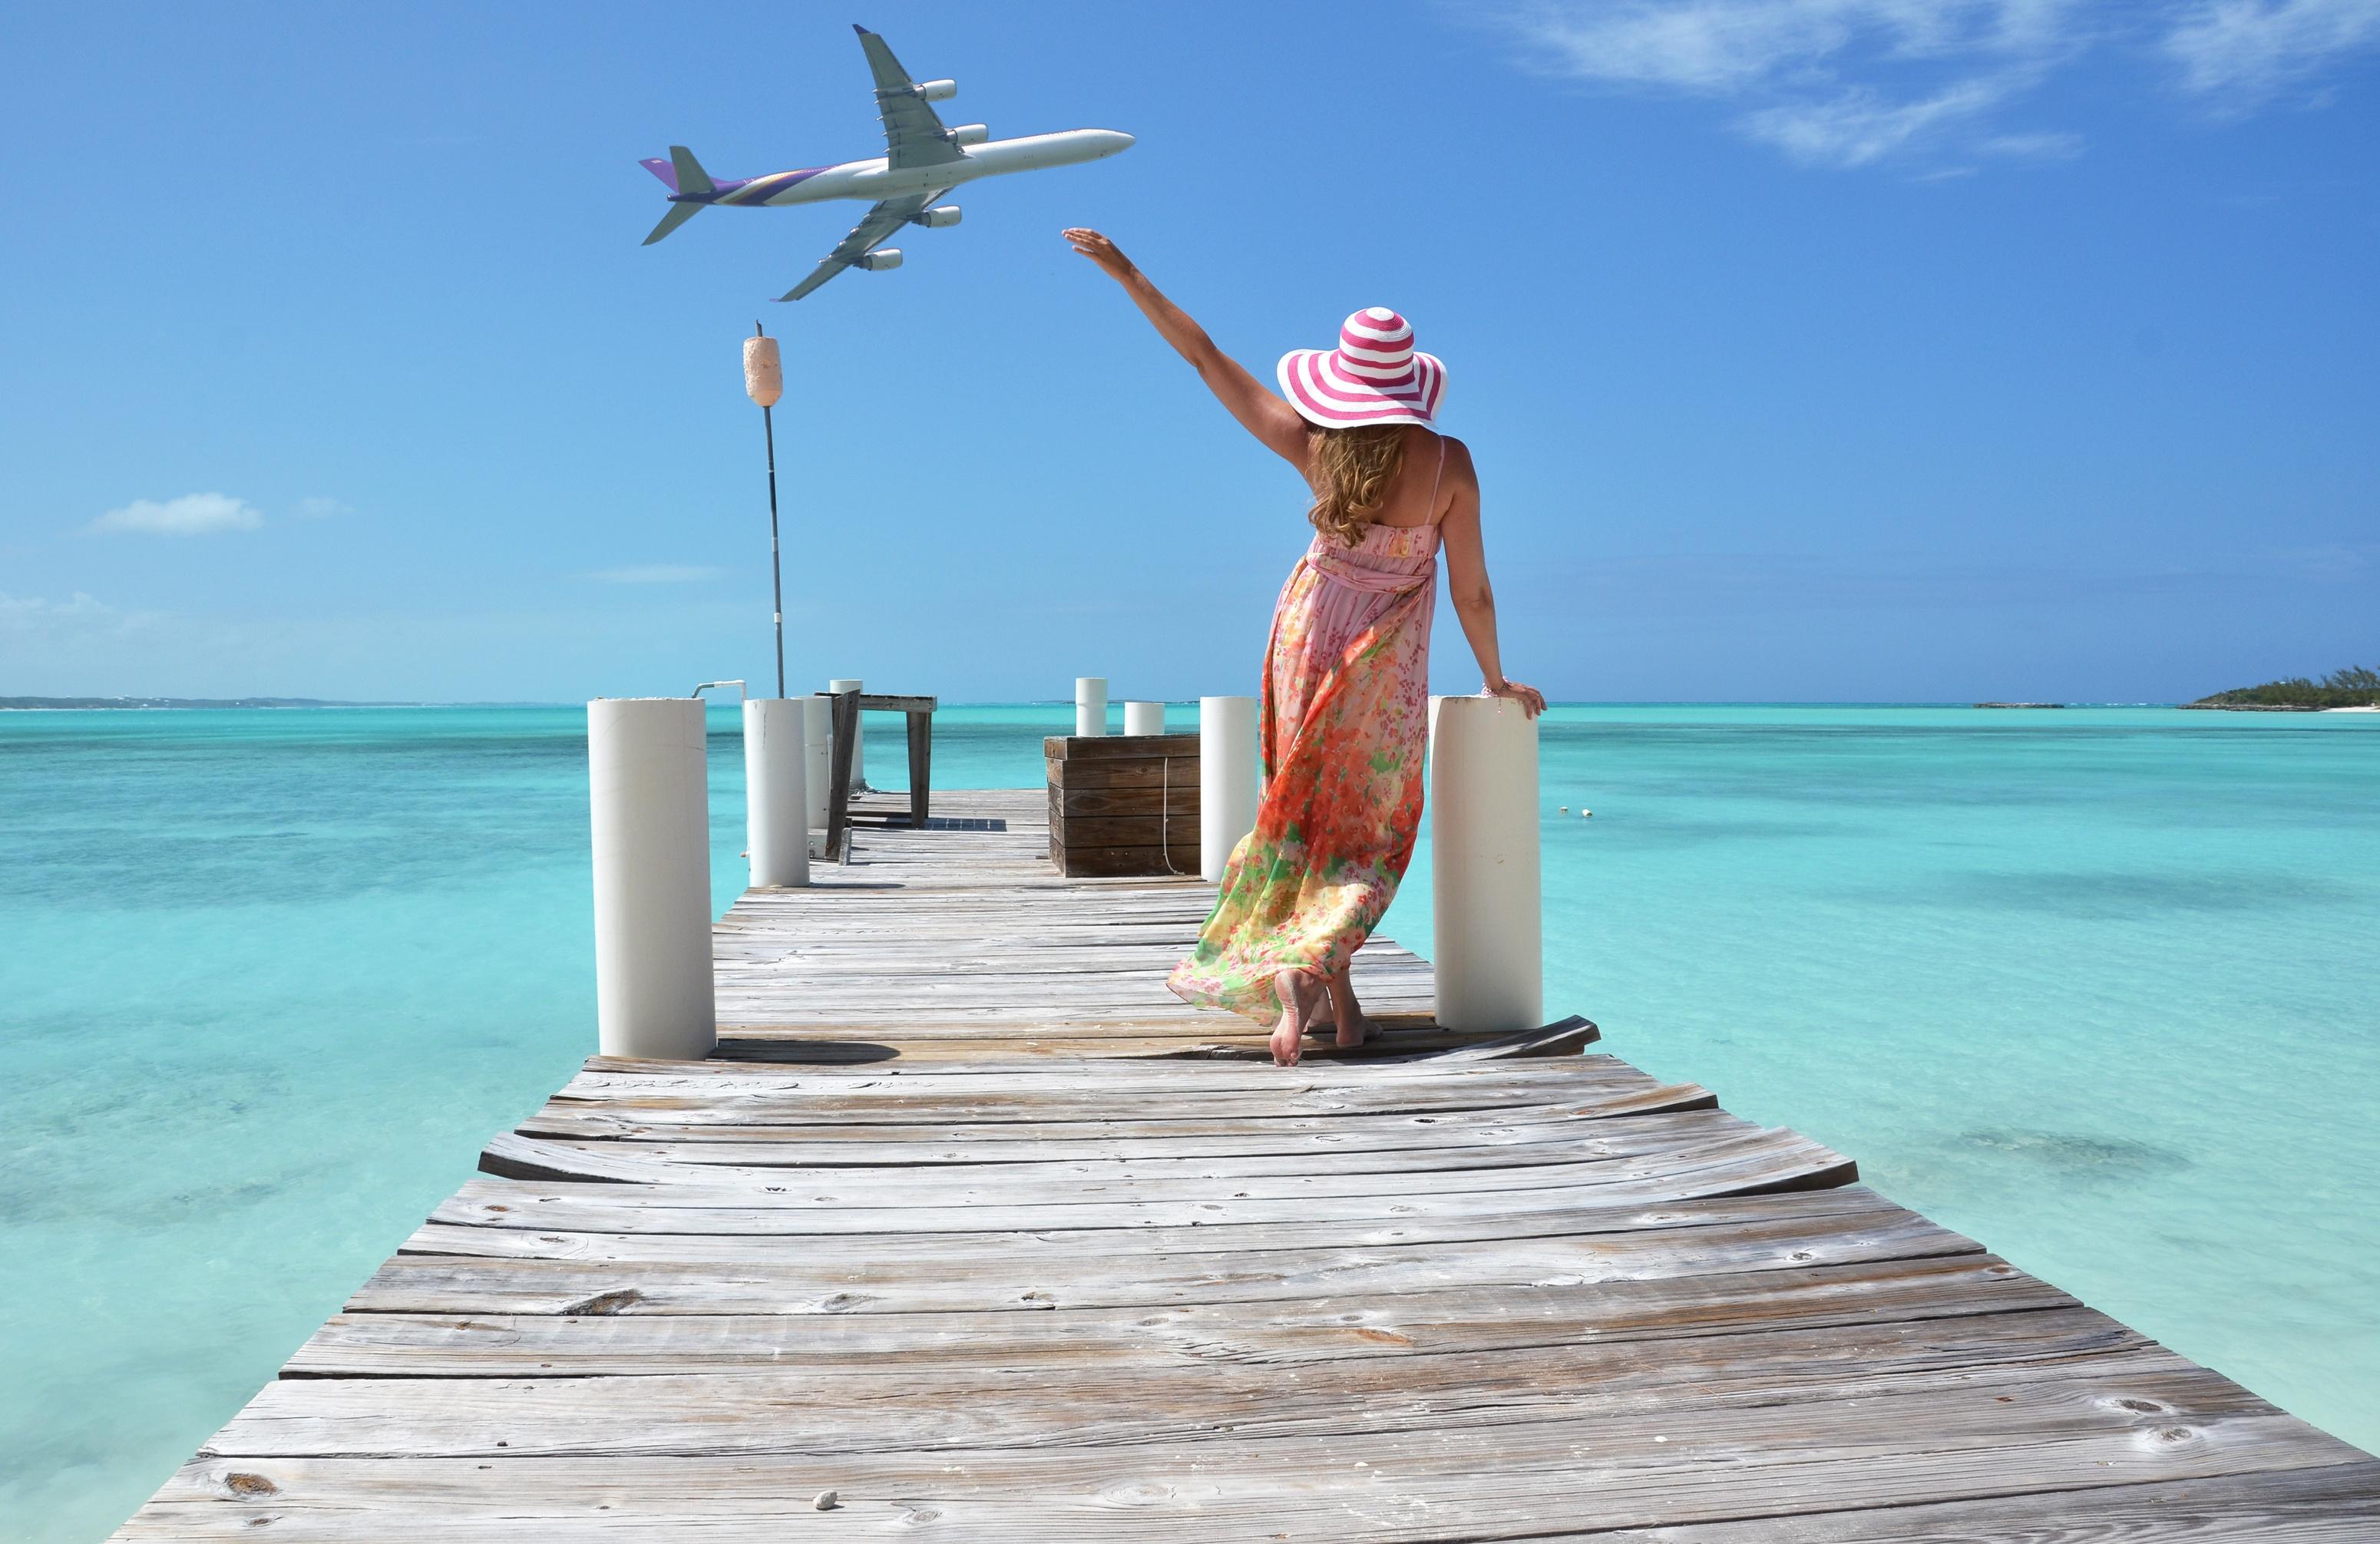 Море-самолет девушка фото